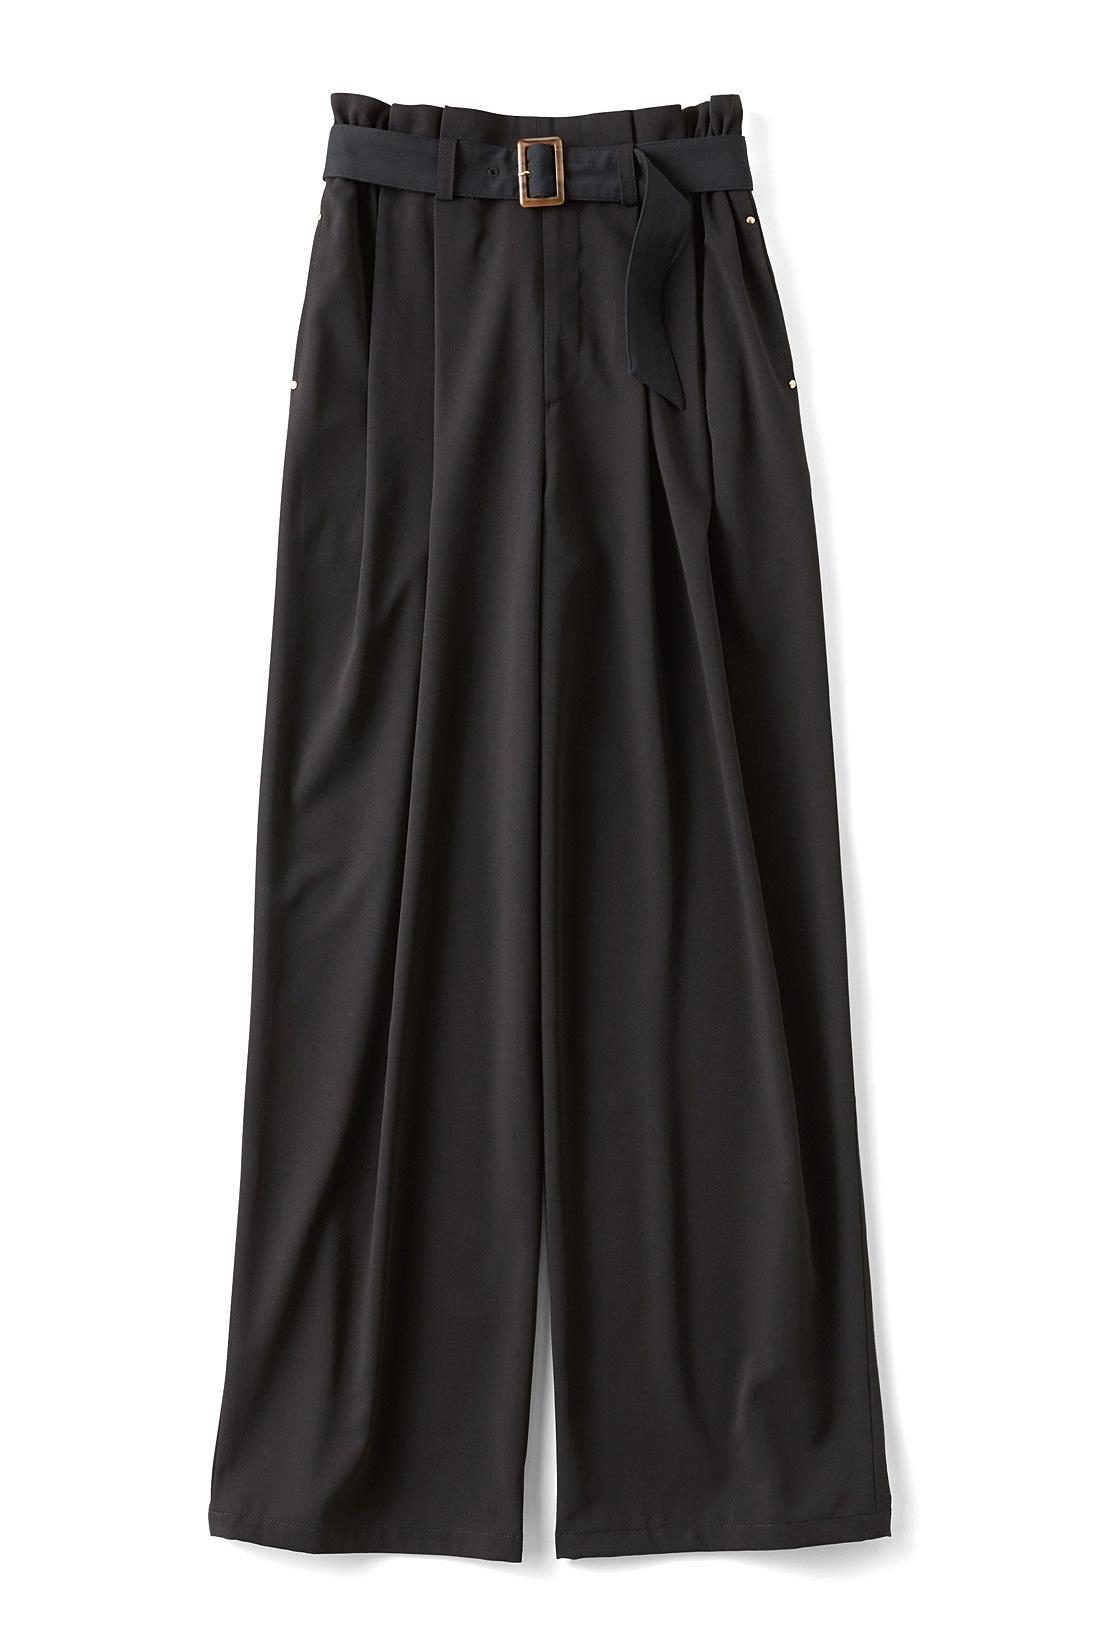 着まわし自在な〈ブラック〉 べっ甲風バックル付きの共布ベルトで、ウエストマークしてスタイルアップ効果も。 ※商品の色味はこちらをご参考にされてください